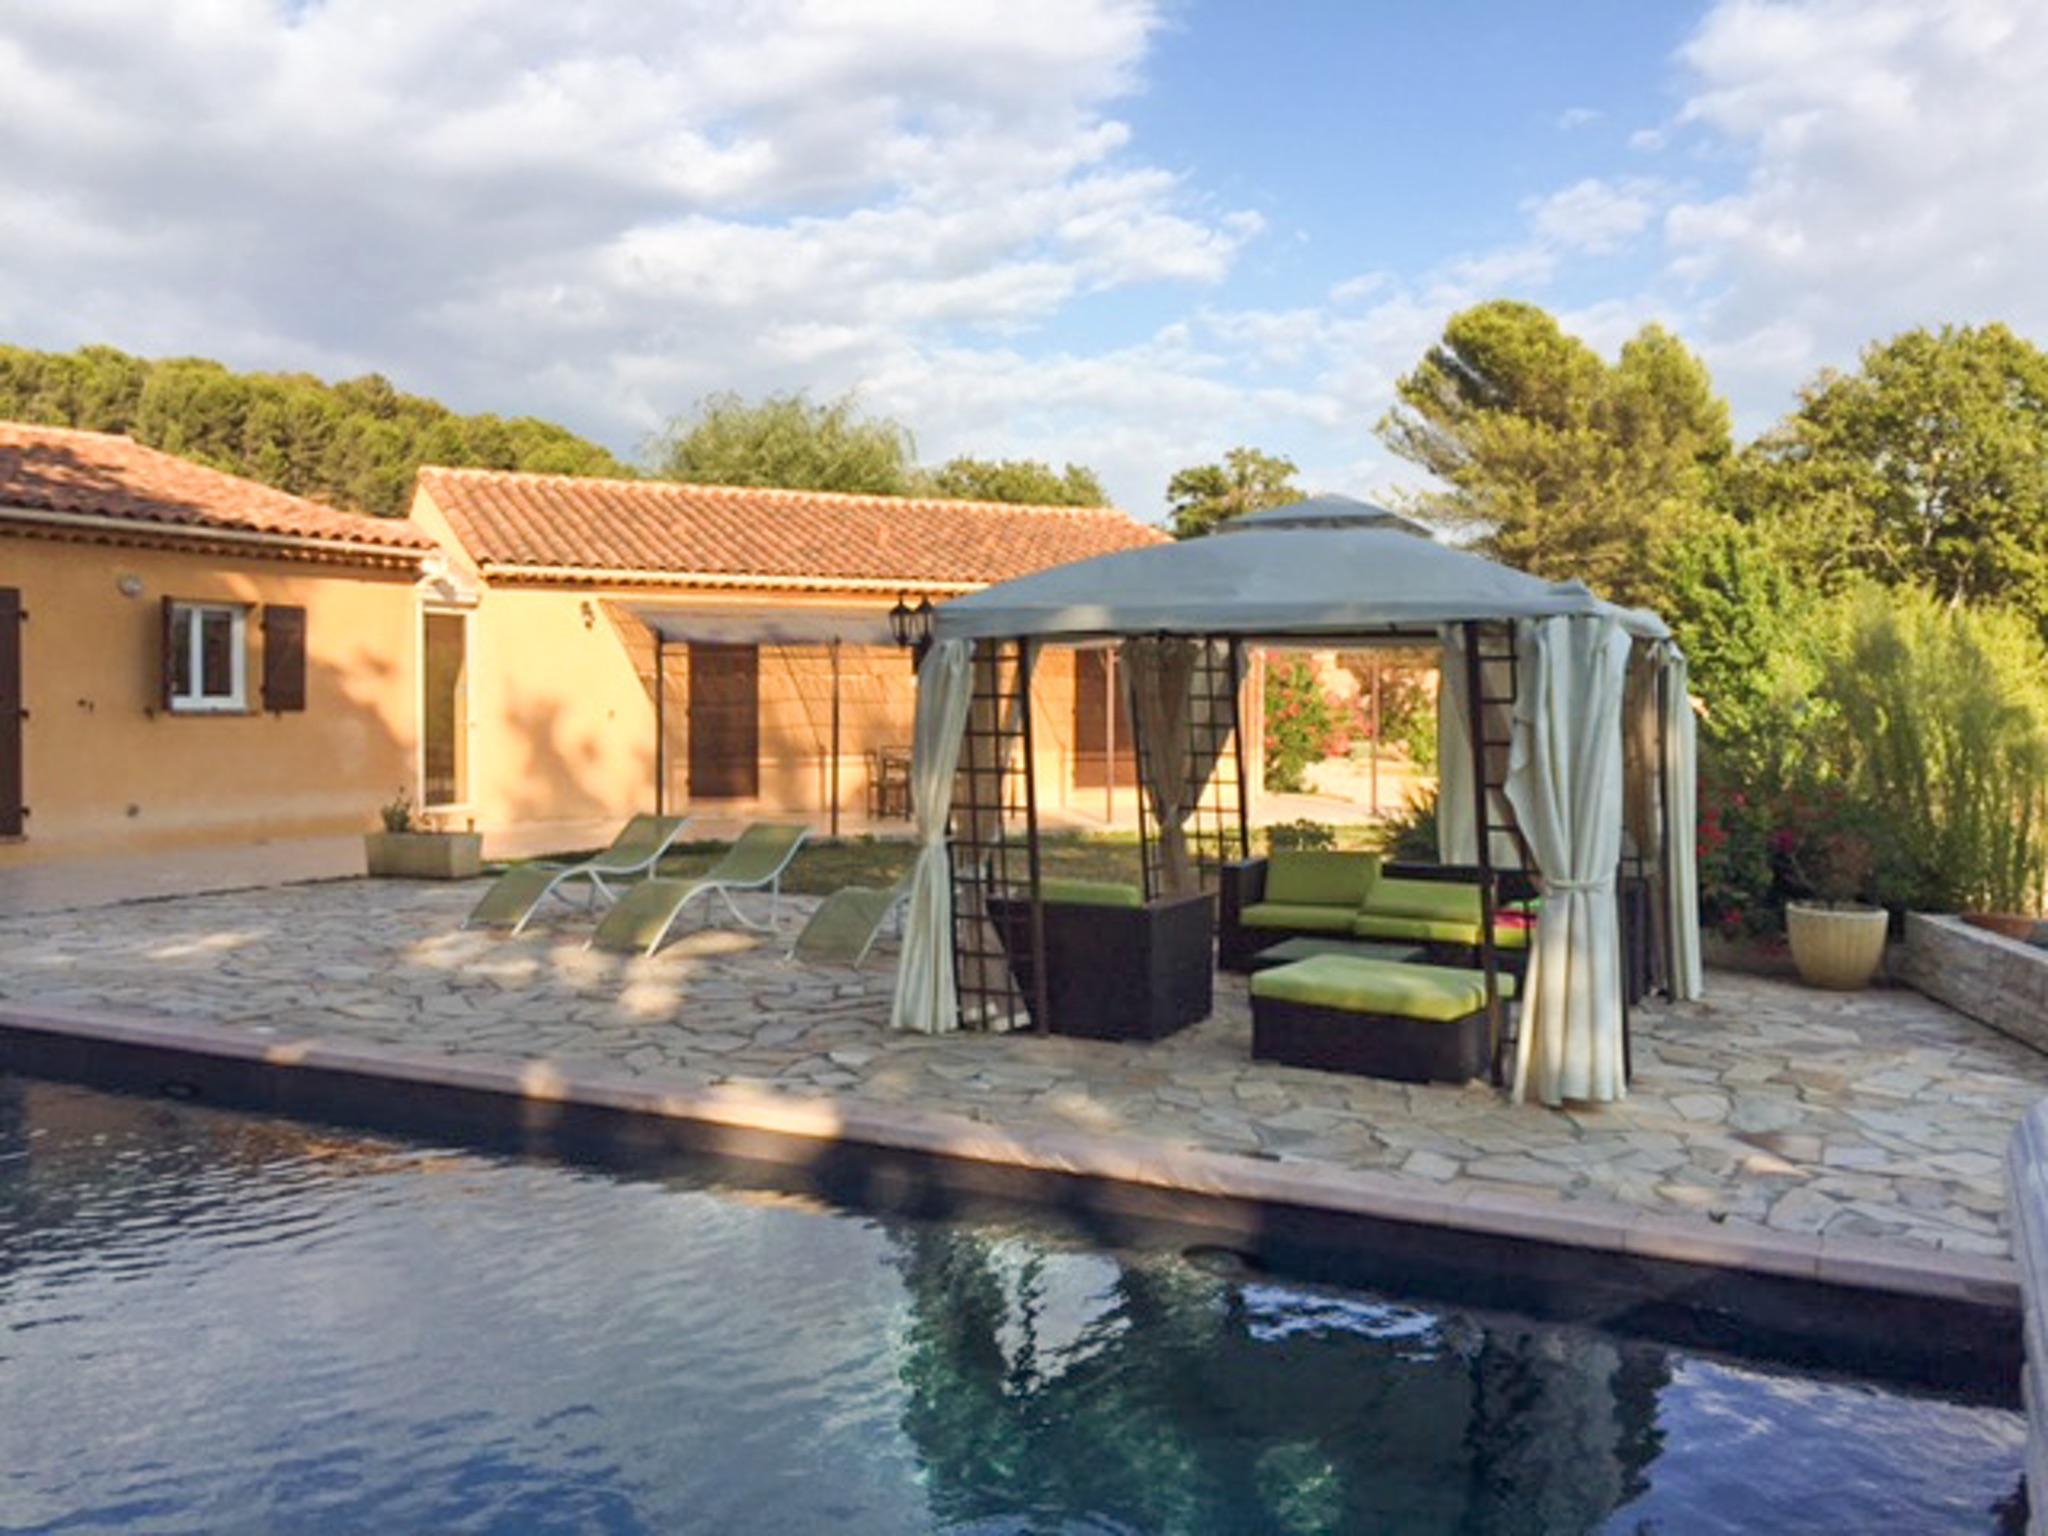 Ferienhaus Haus mit drei Schlafzimmern, Pool, Garten und Terrasse in der Luberon (2201928), Pertuis, Vaucluse, Provence - Alpen - Côte d'Azur, Frankreich, Bild 4